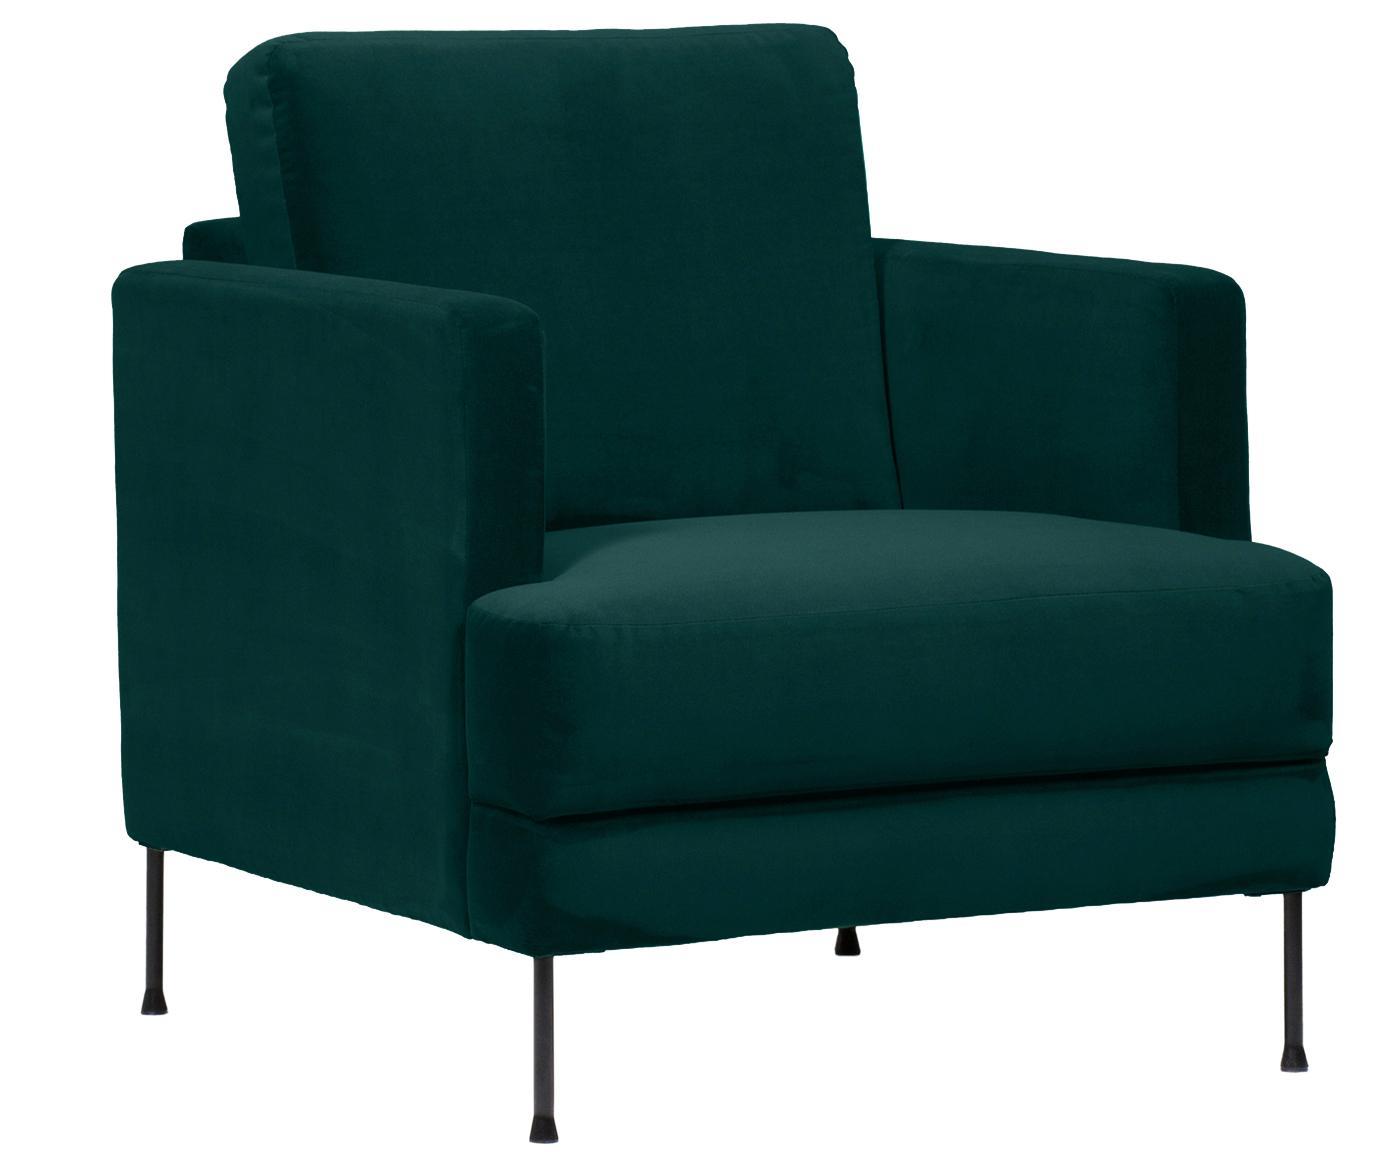 Fotel z aksamitu Fluente, Tapicerka: aksamit (wysokiej jakości, Stelaż: lite drewno sosnowe, Nogi: metal lakierowany, Ciemnozielony aksamit, S 76 x G 83 cm